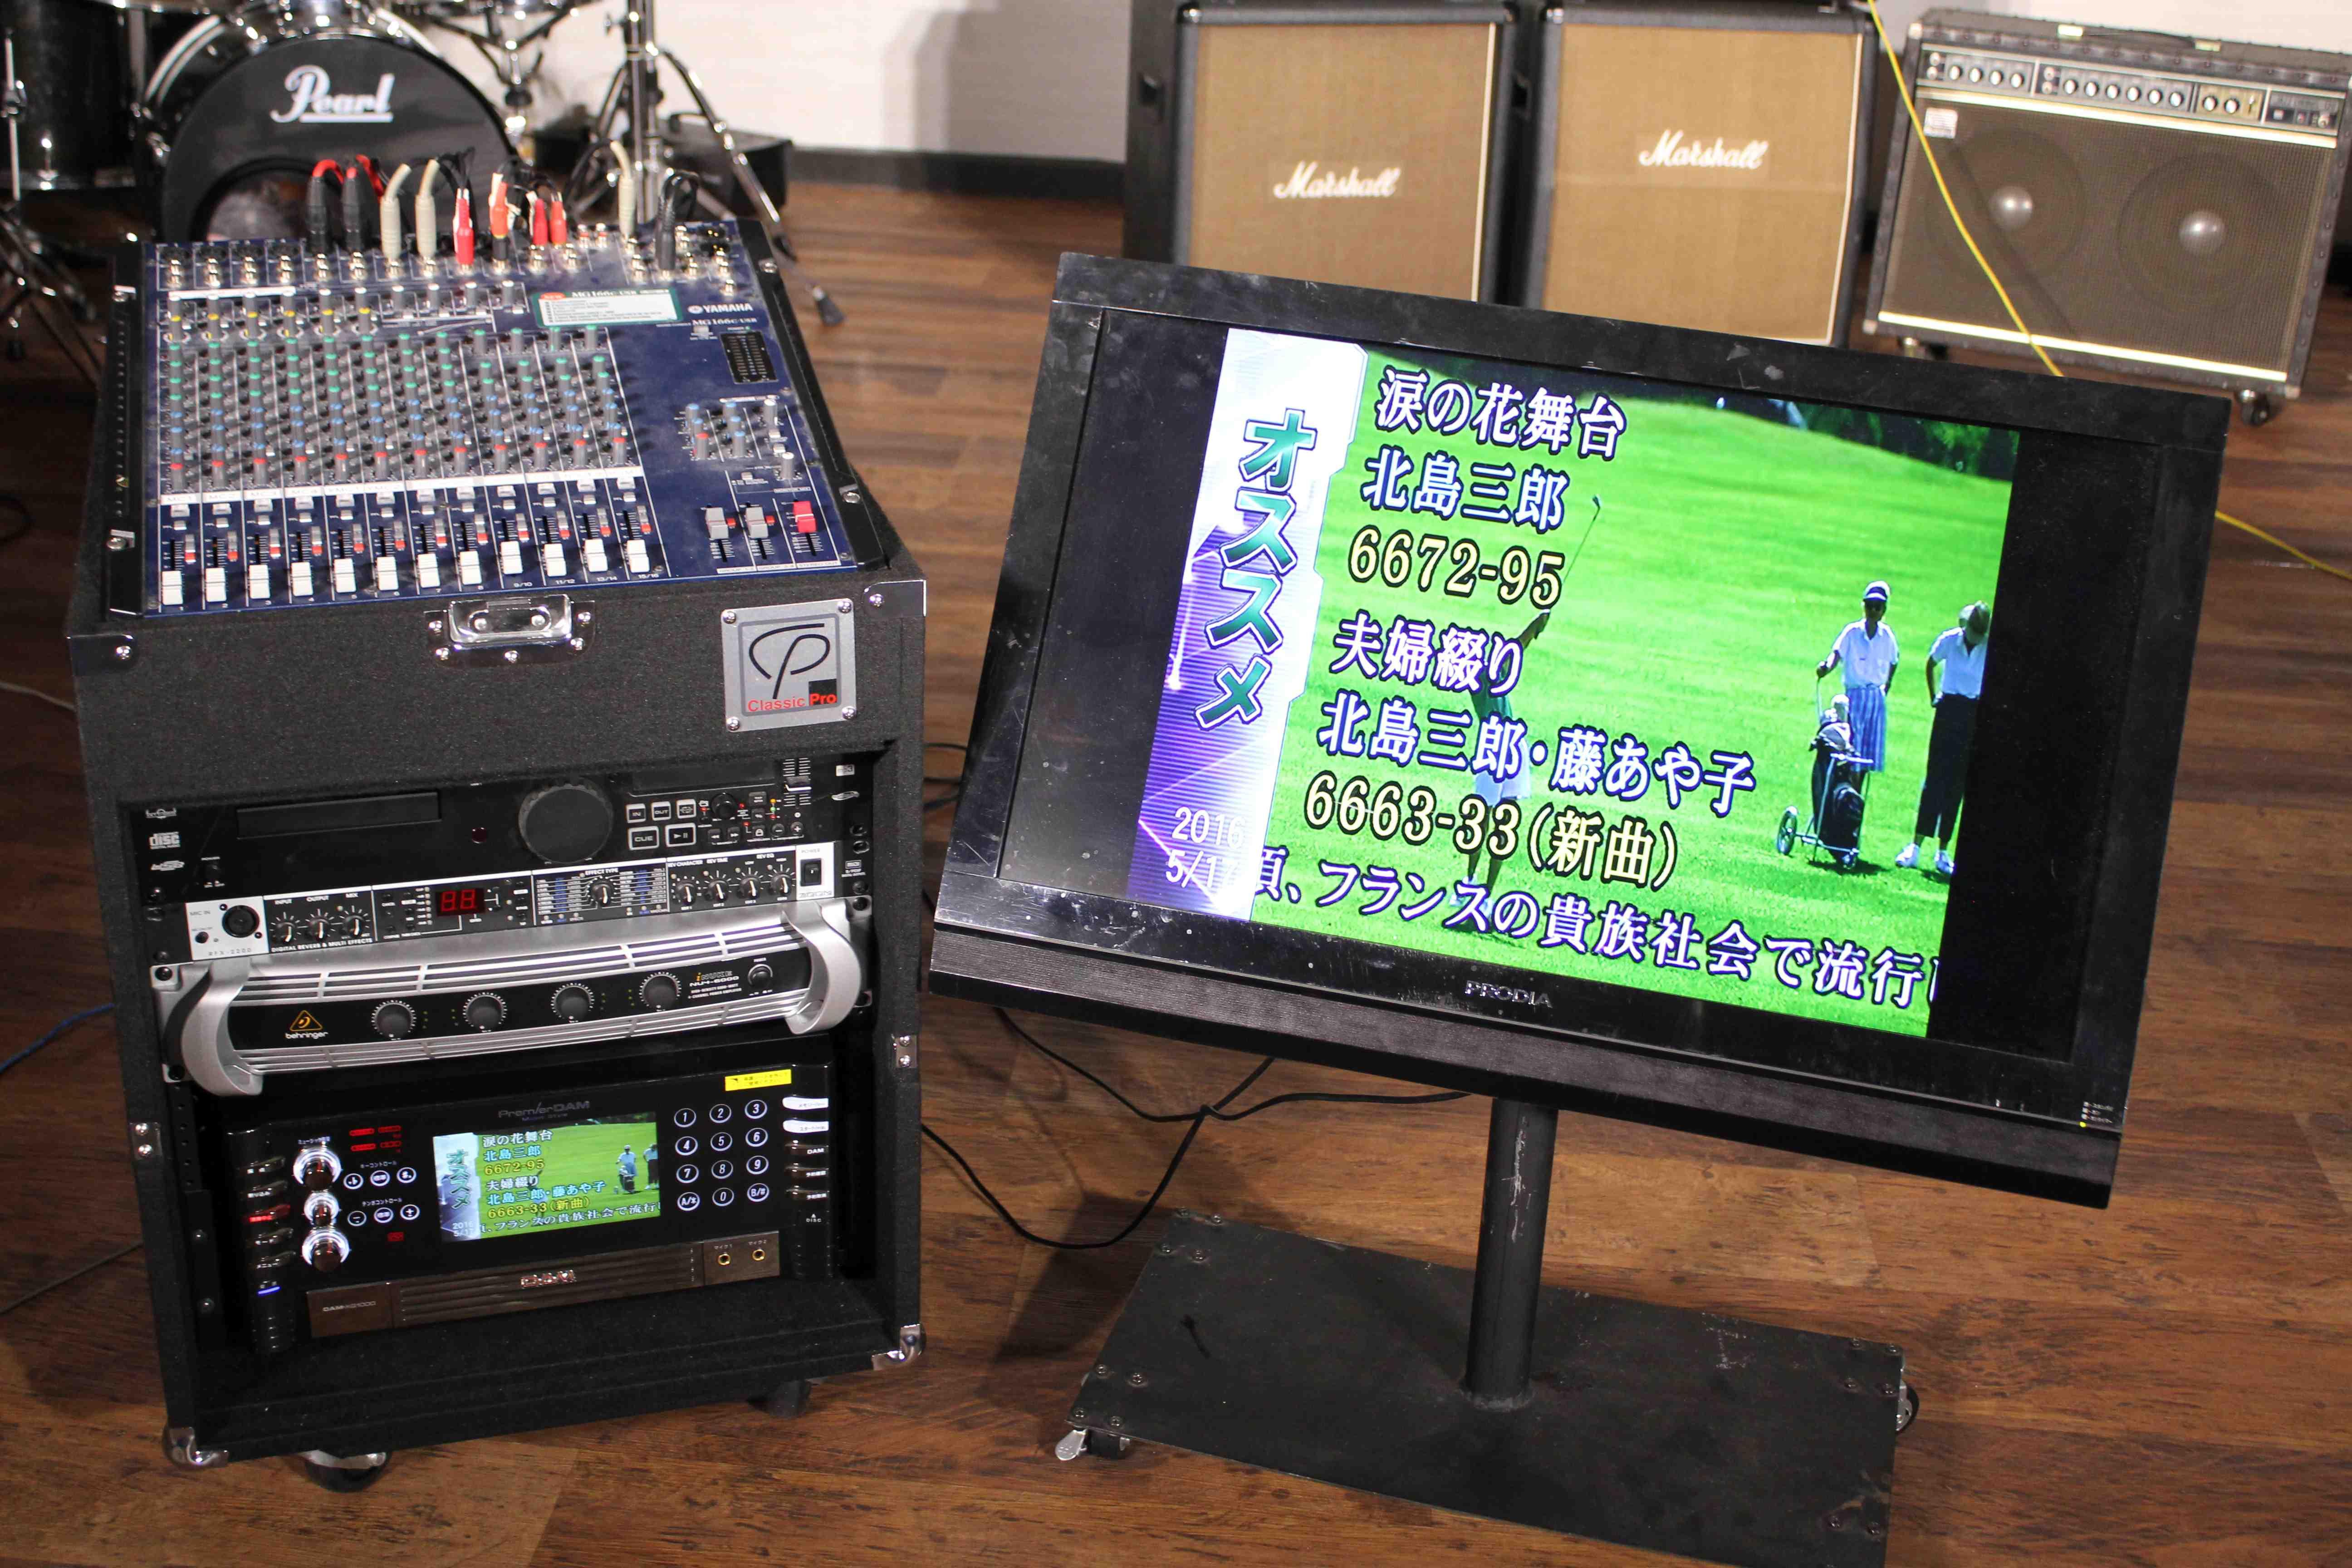 音部屋スクエアで無料利用可能なカラオケ機器